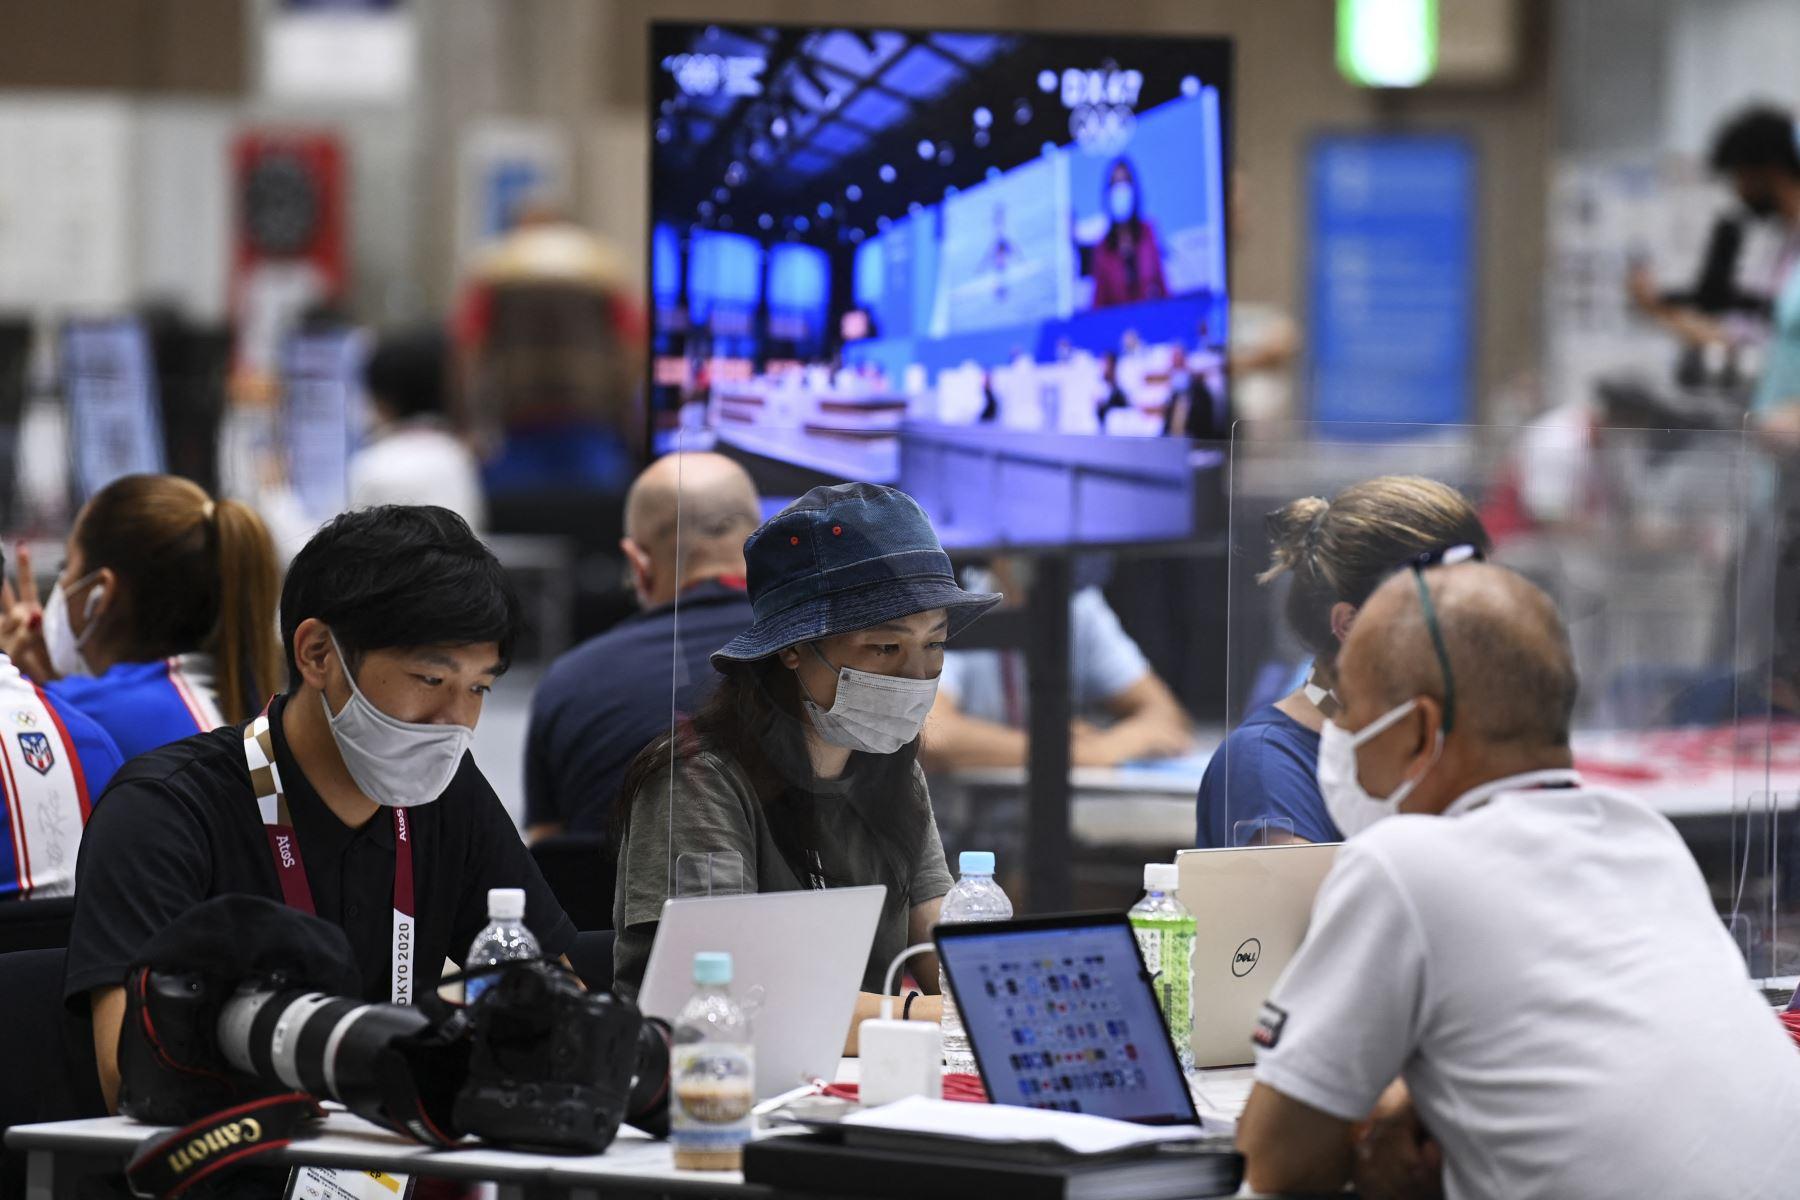 Periodistas con mascarillas como medida preventiva contra el coronavirus trabajan detrás del plexiglás protector, en el Centro de Prensa Principal, en Tokio. Foto: AFP